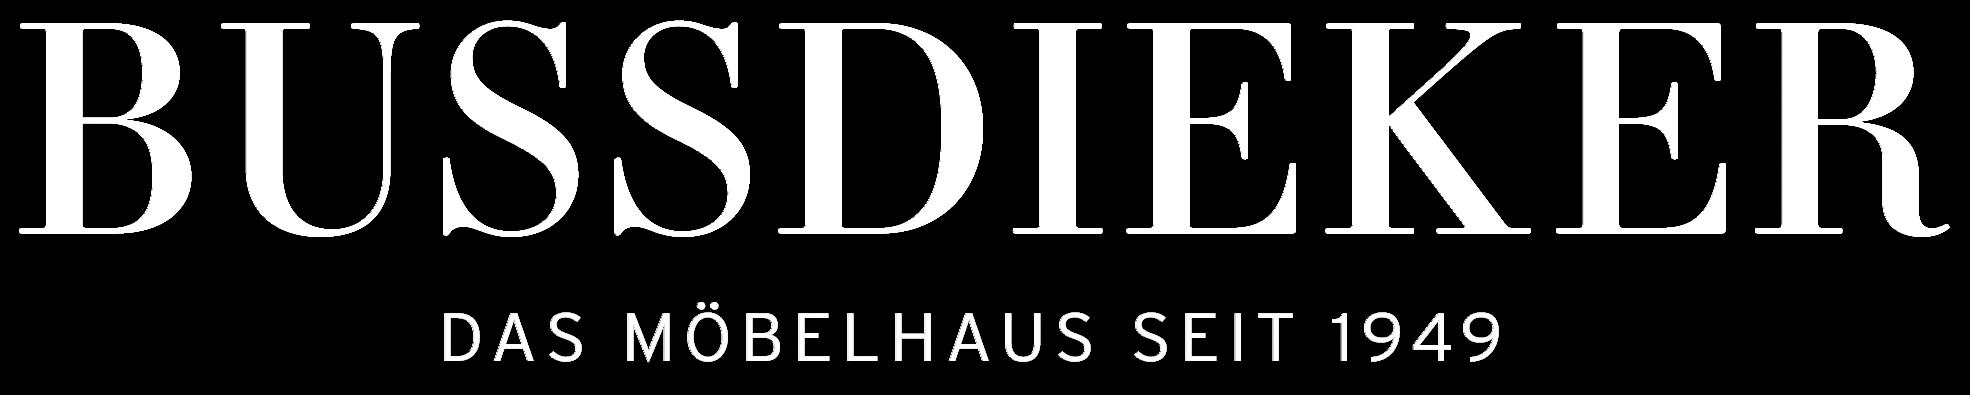 Möbel Bussdieker Melle | Das Möbelhaus seit 1949